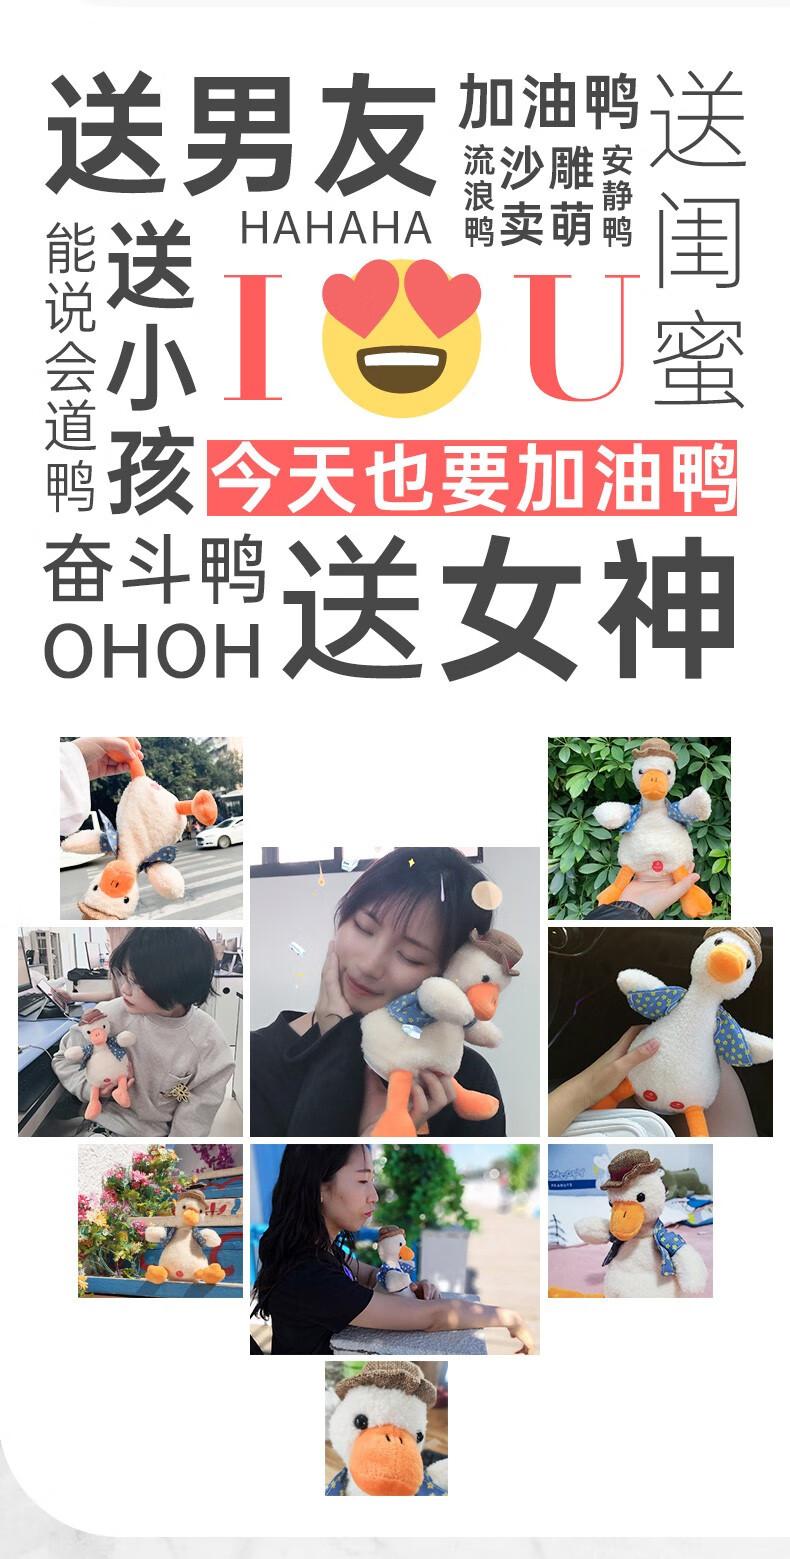 复读鸭沙网红雕充电玩偶,送女朋友创意生日礼物